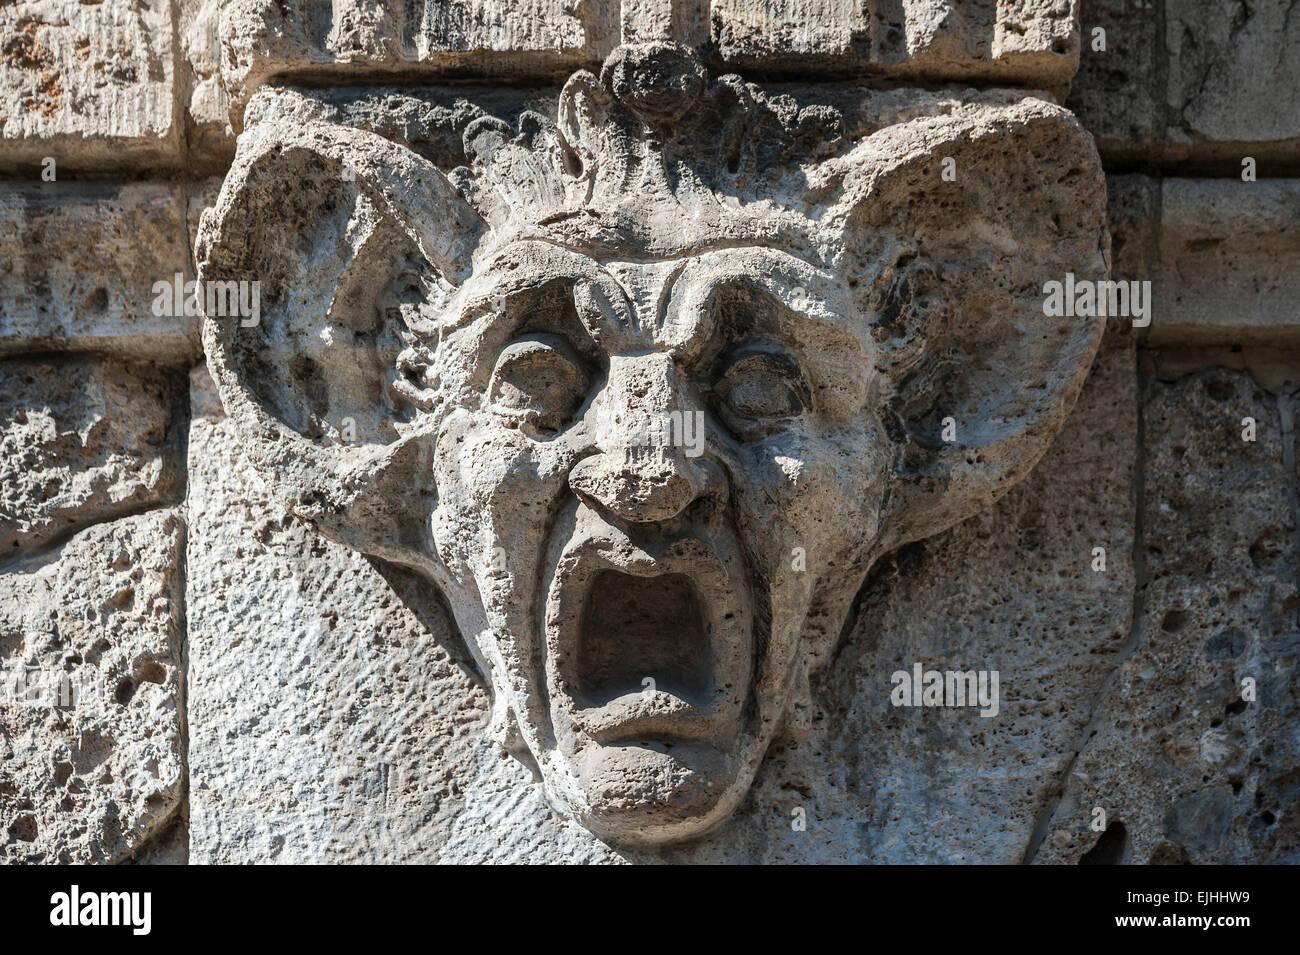 Stone carving, testa con enormi orecchie e bocca spalancata, Monaco di Baviera, Germania Immagini Stock